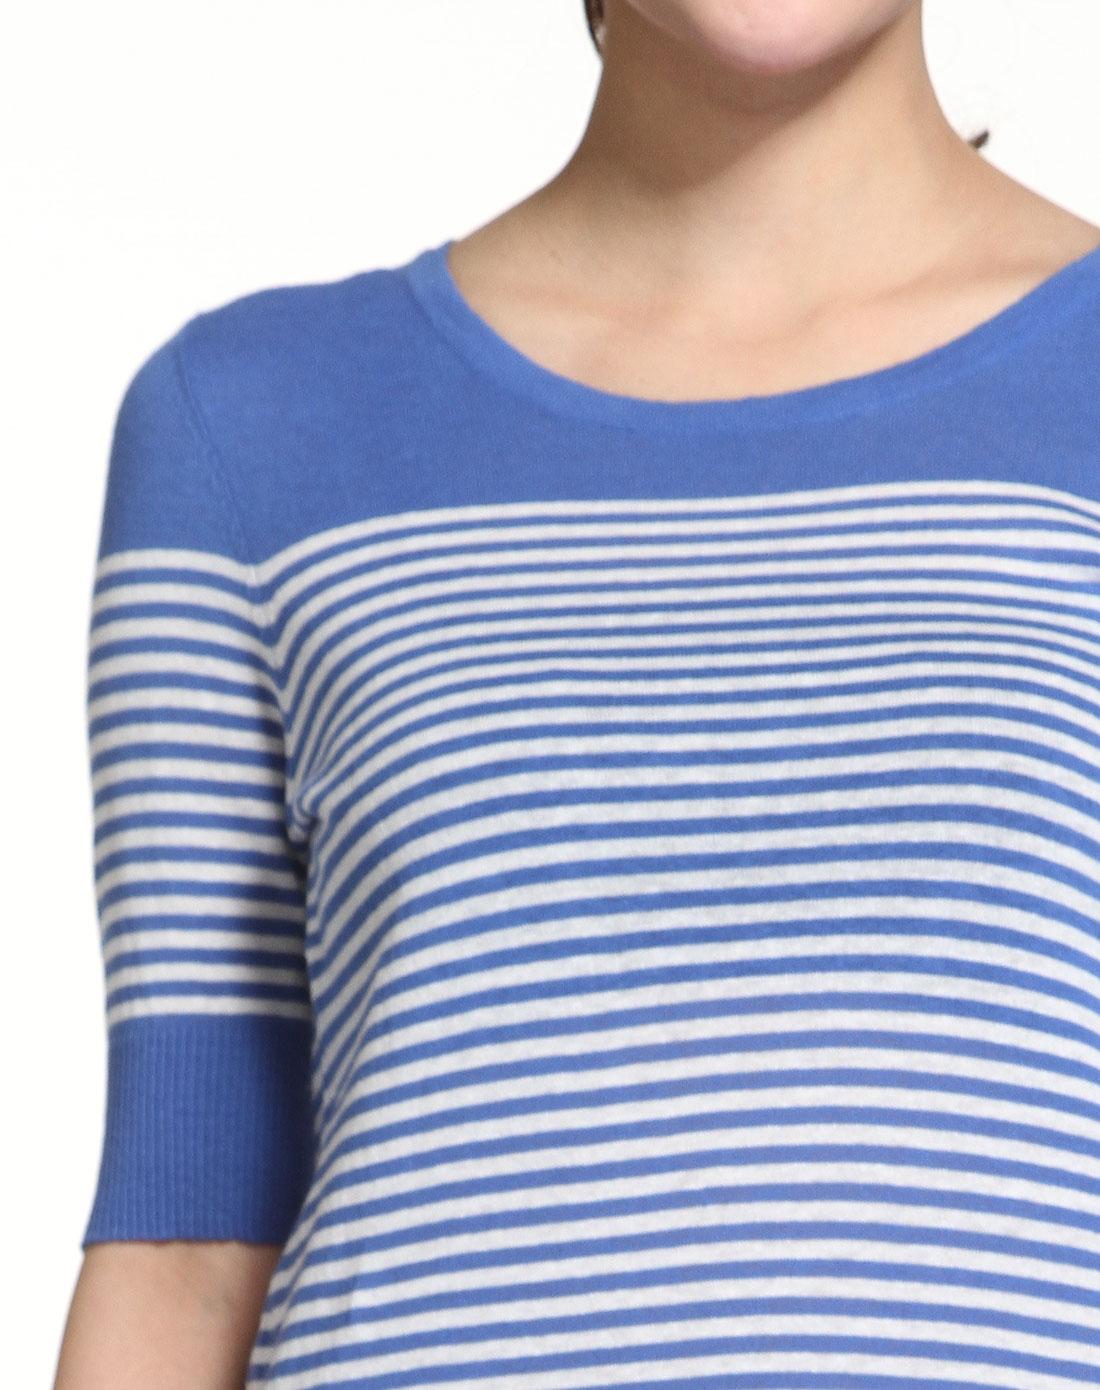 浅蓝色横条长款短袖针织衫